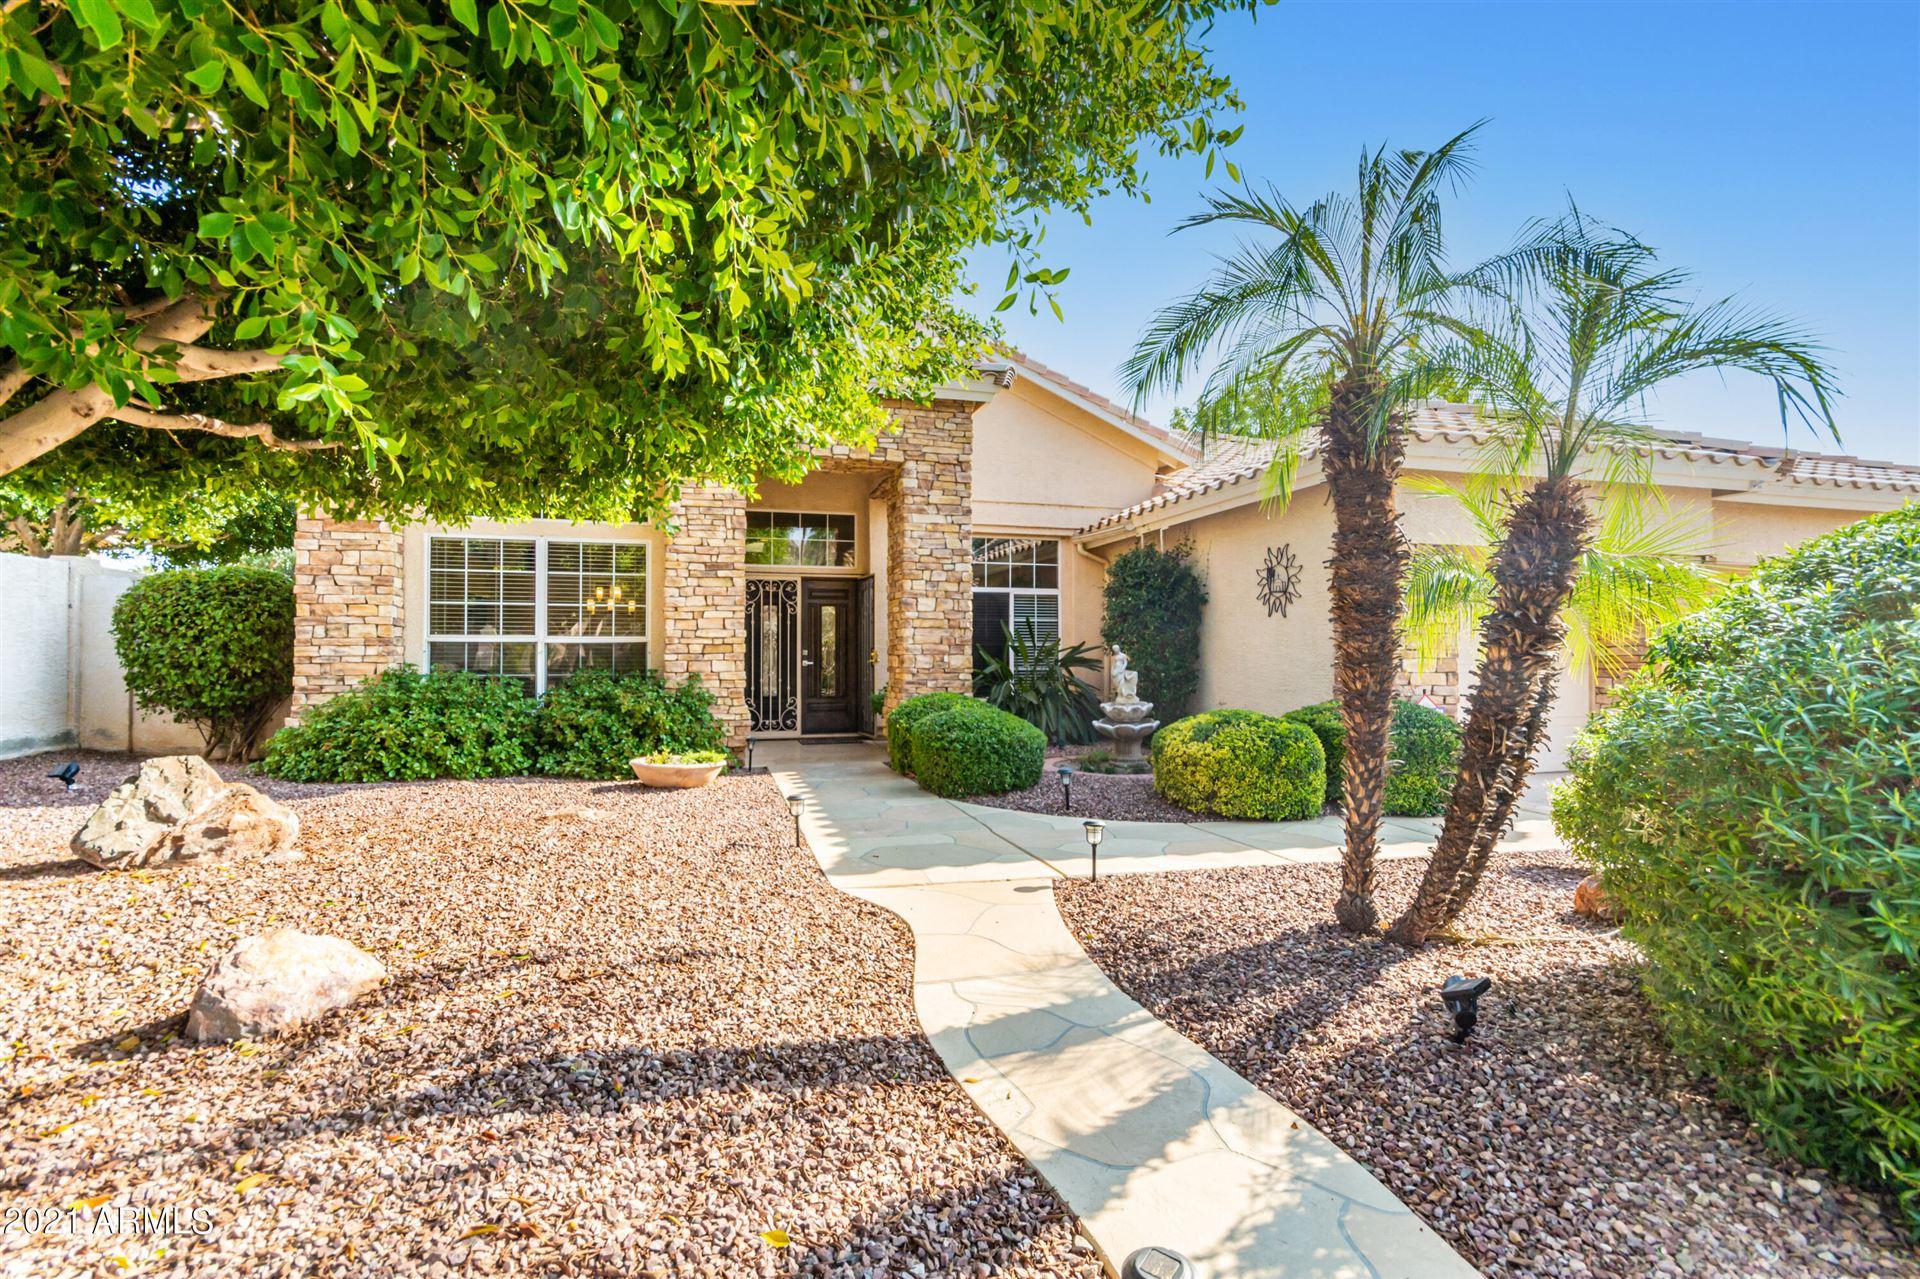 6289 W DONALD Drive, Glendale, AZ 85310 - MLS#: 6294164